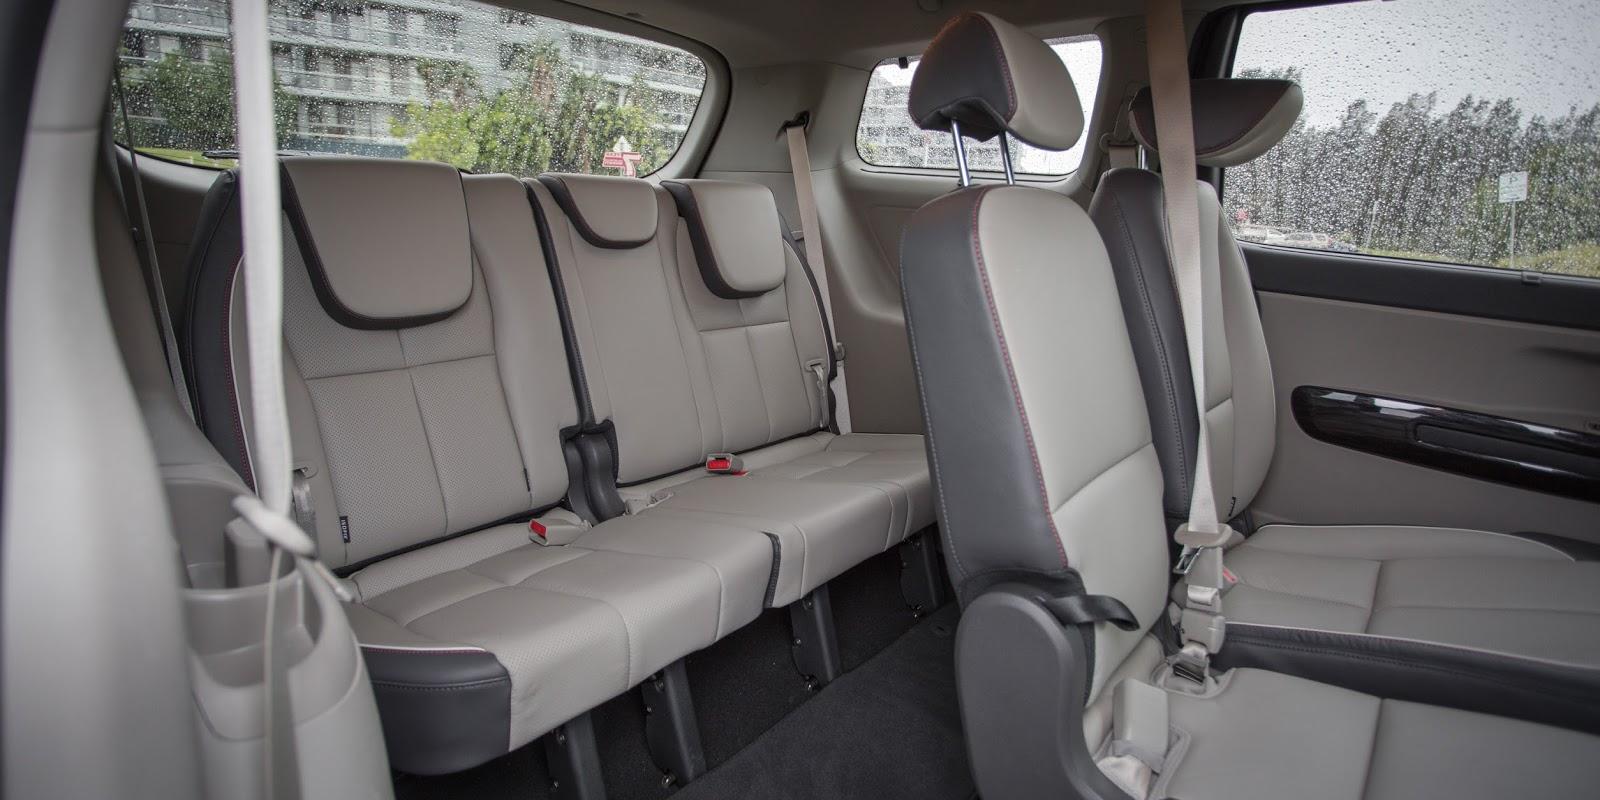 Hàng ghế thứ ba đủ chổ 3 người, rất rộng không phải chỉ dành cho trẻ em